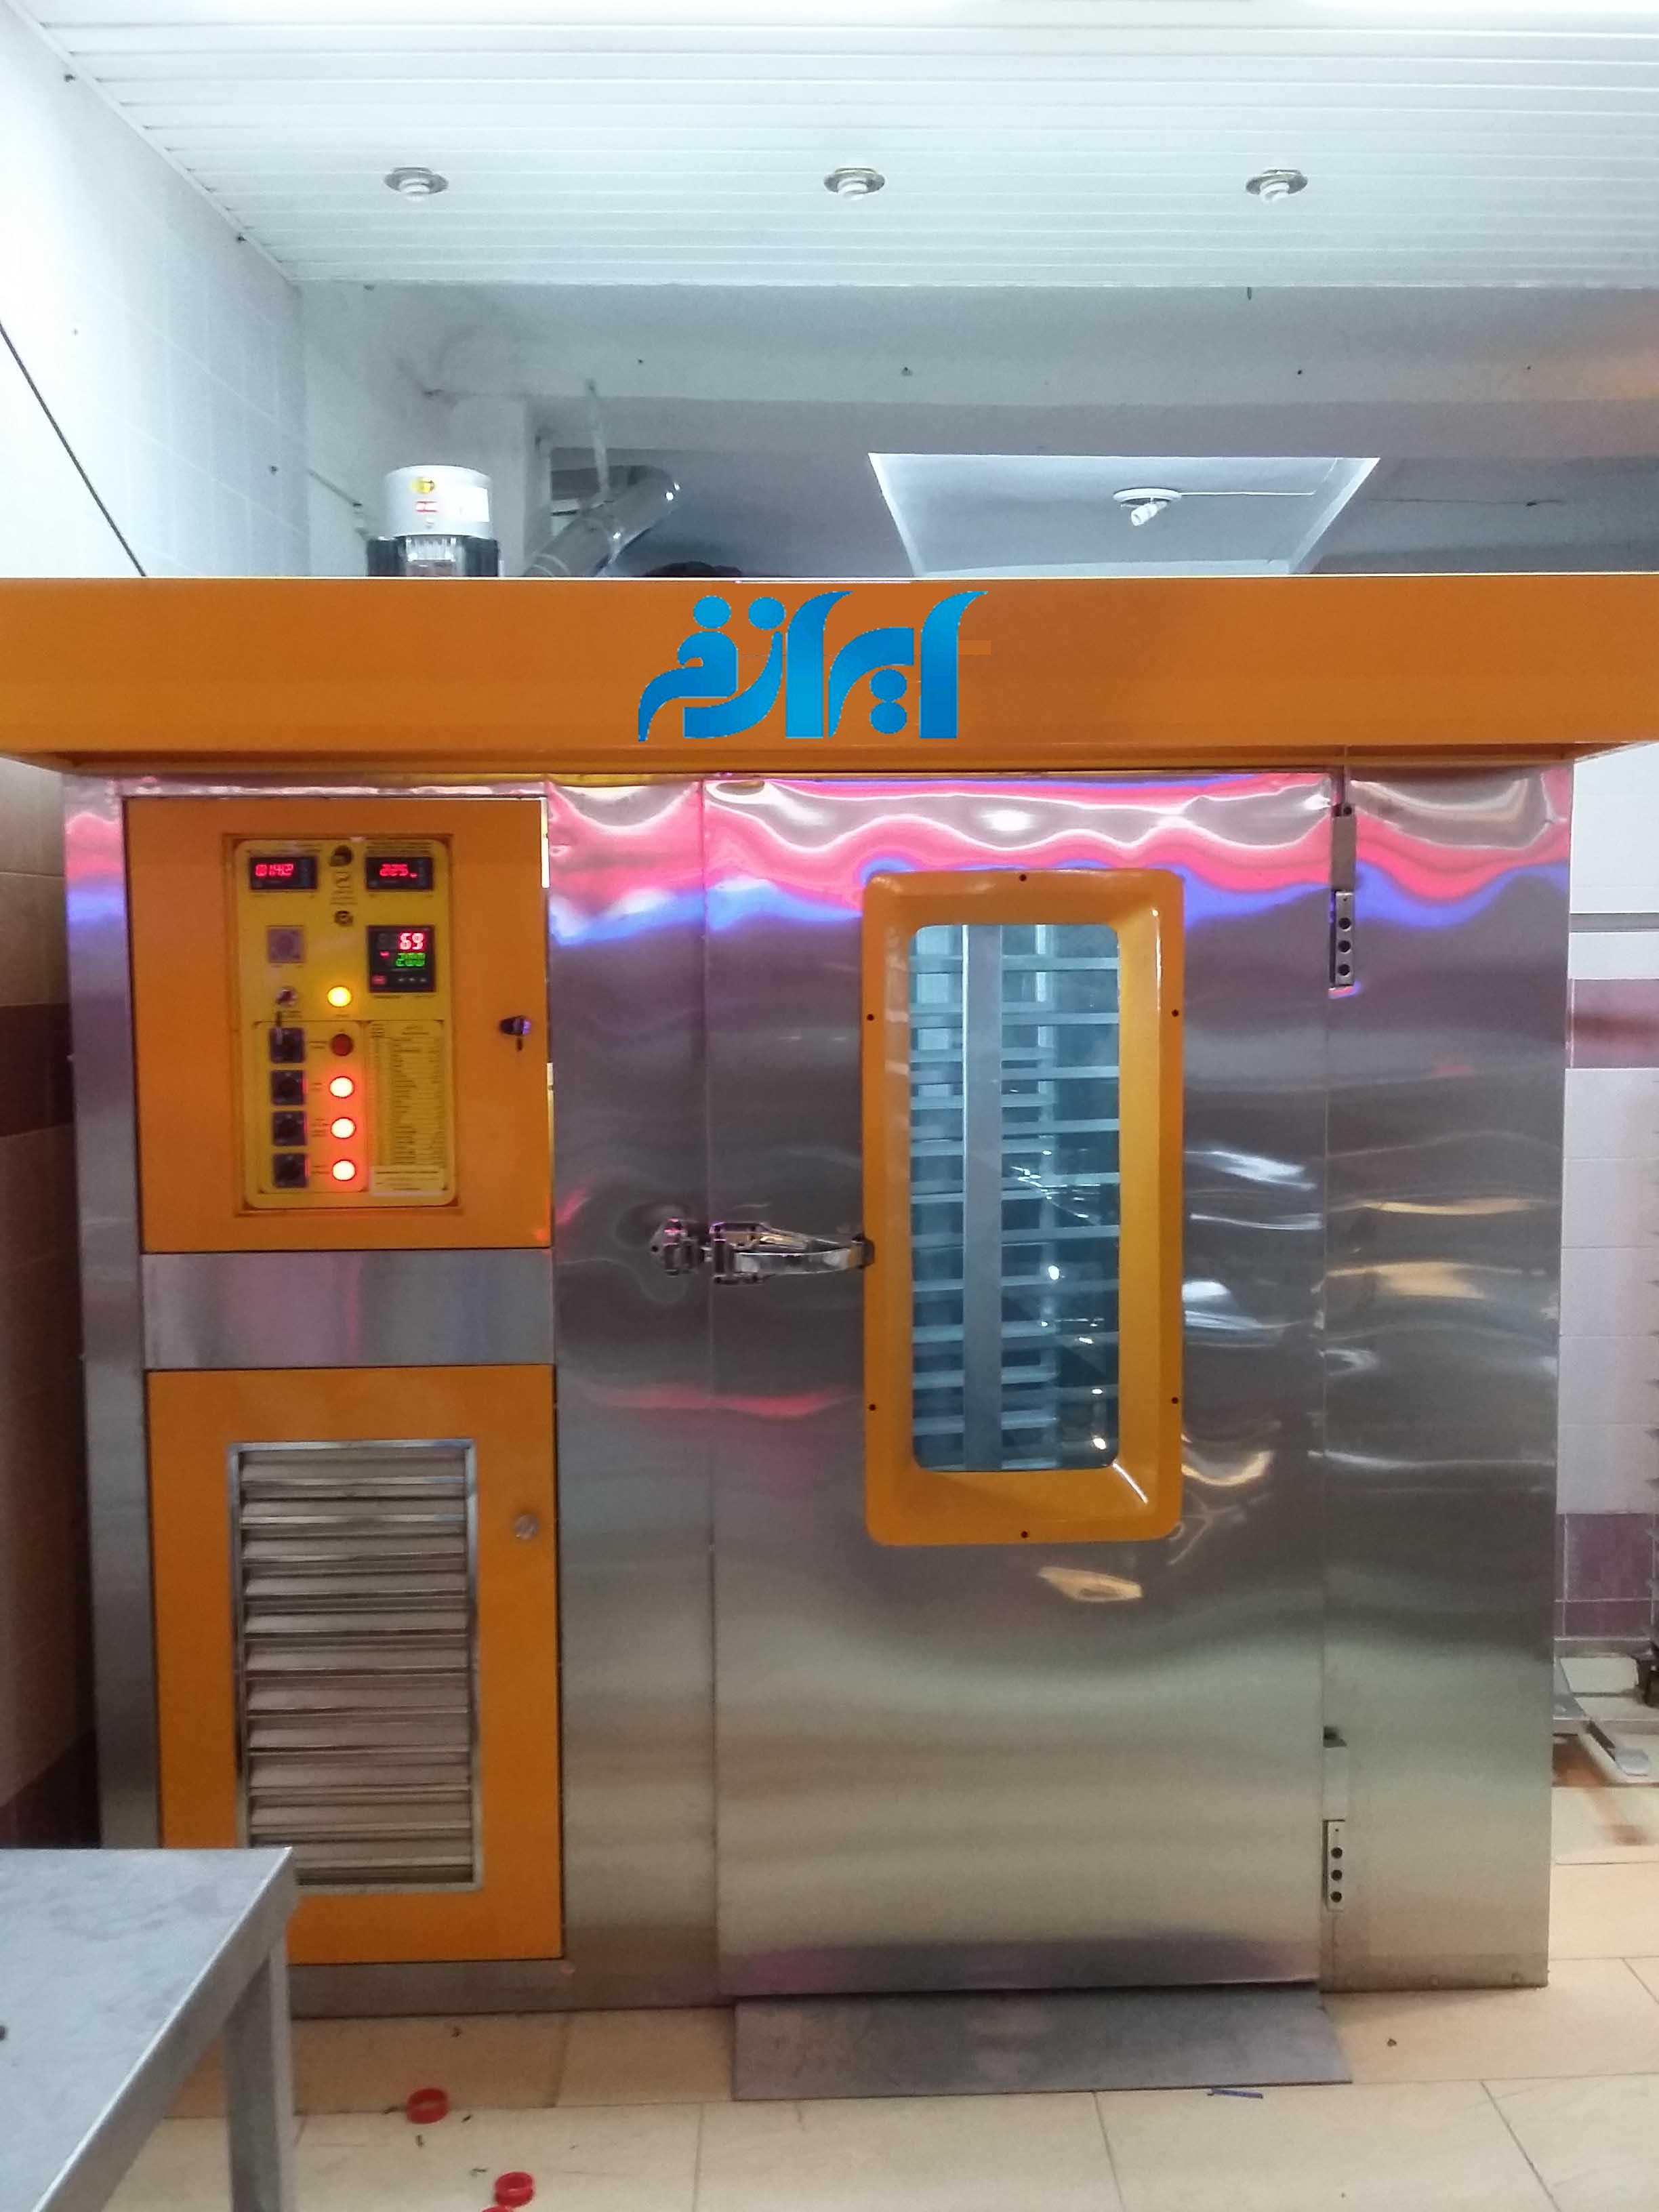 تعمیرات انواع دستگاه نانوایی و قنادی در تمام نقاط کشور